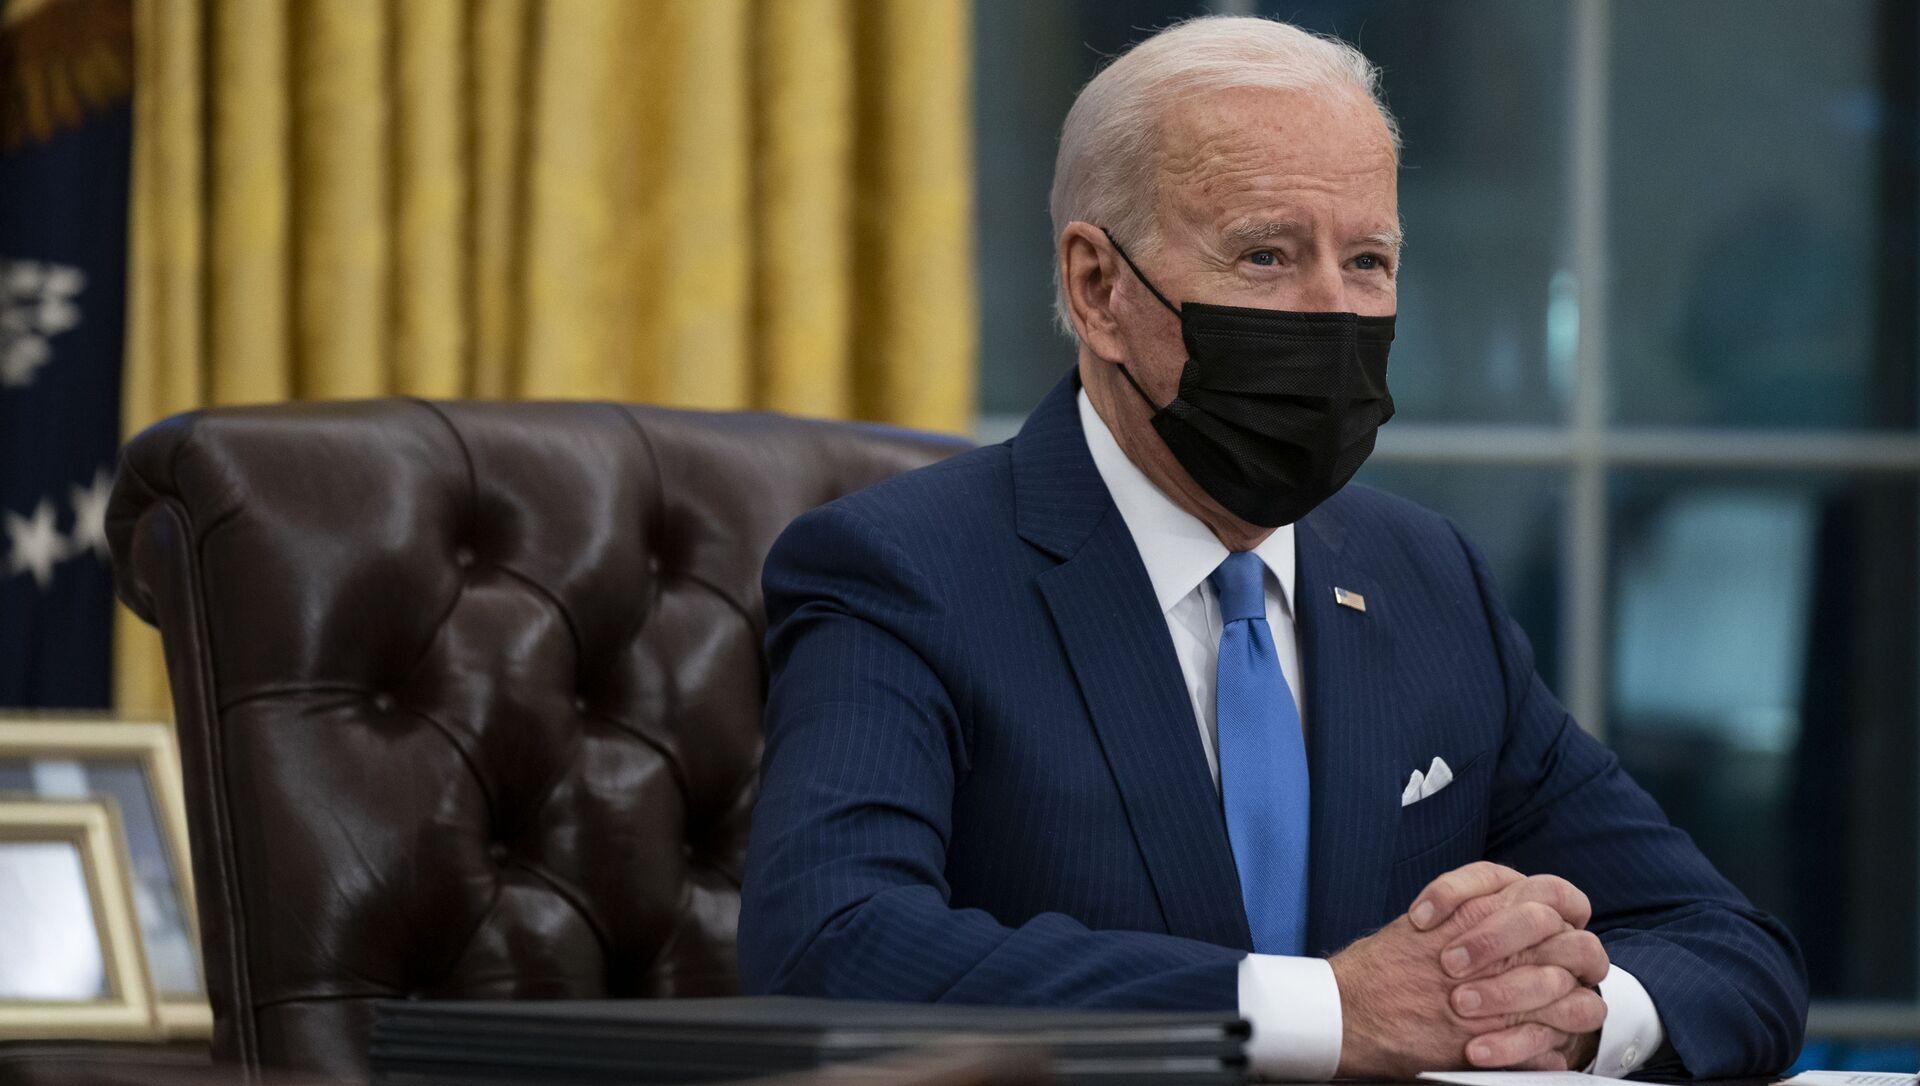 Tổng thống Hoa Kỳ Joe Biden tại Nhà Trắng. - Sputnik Việt Nam, 1920, 30.05.2021